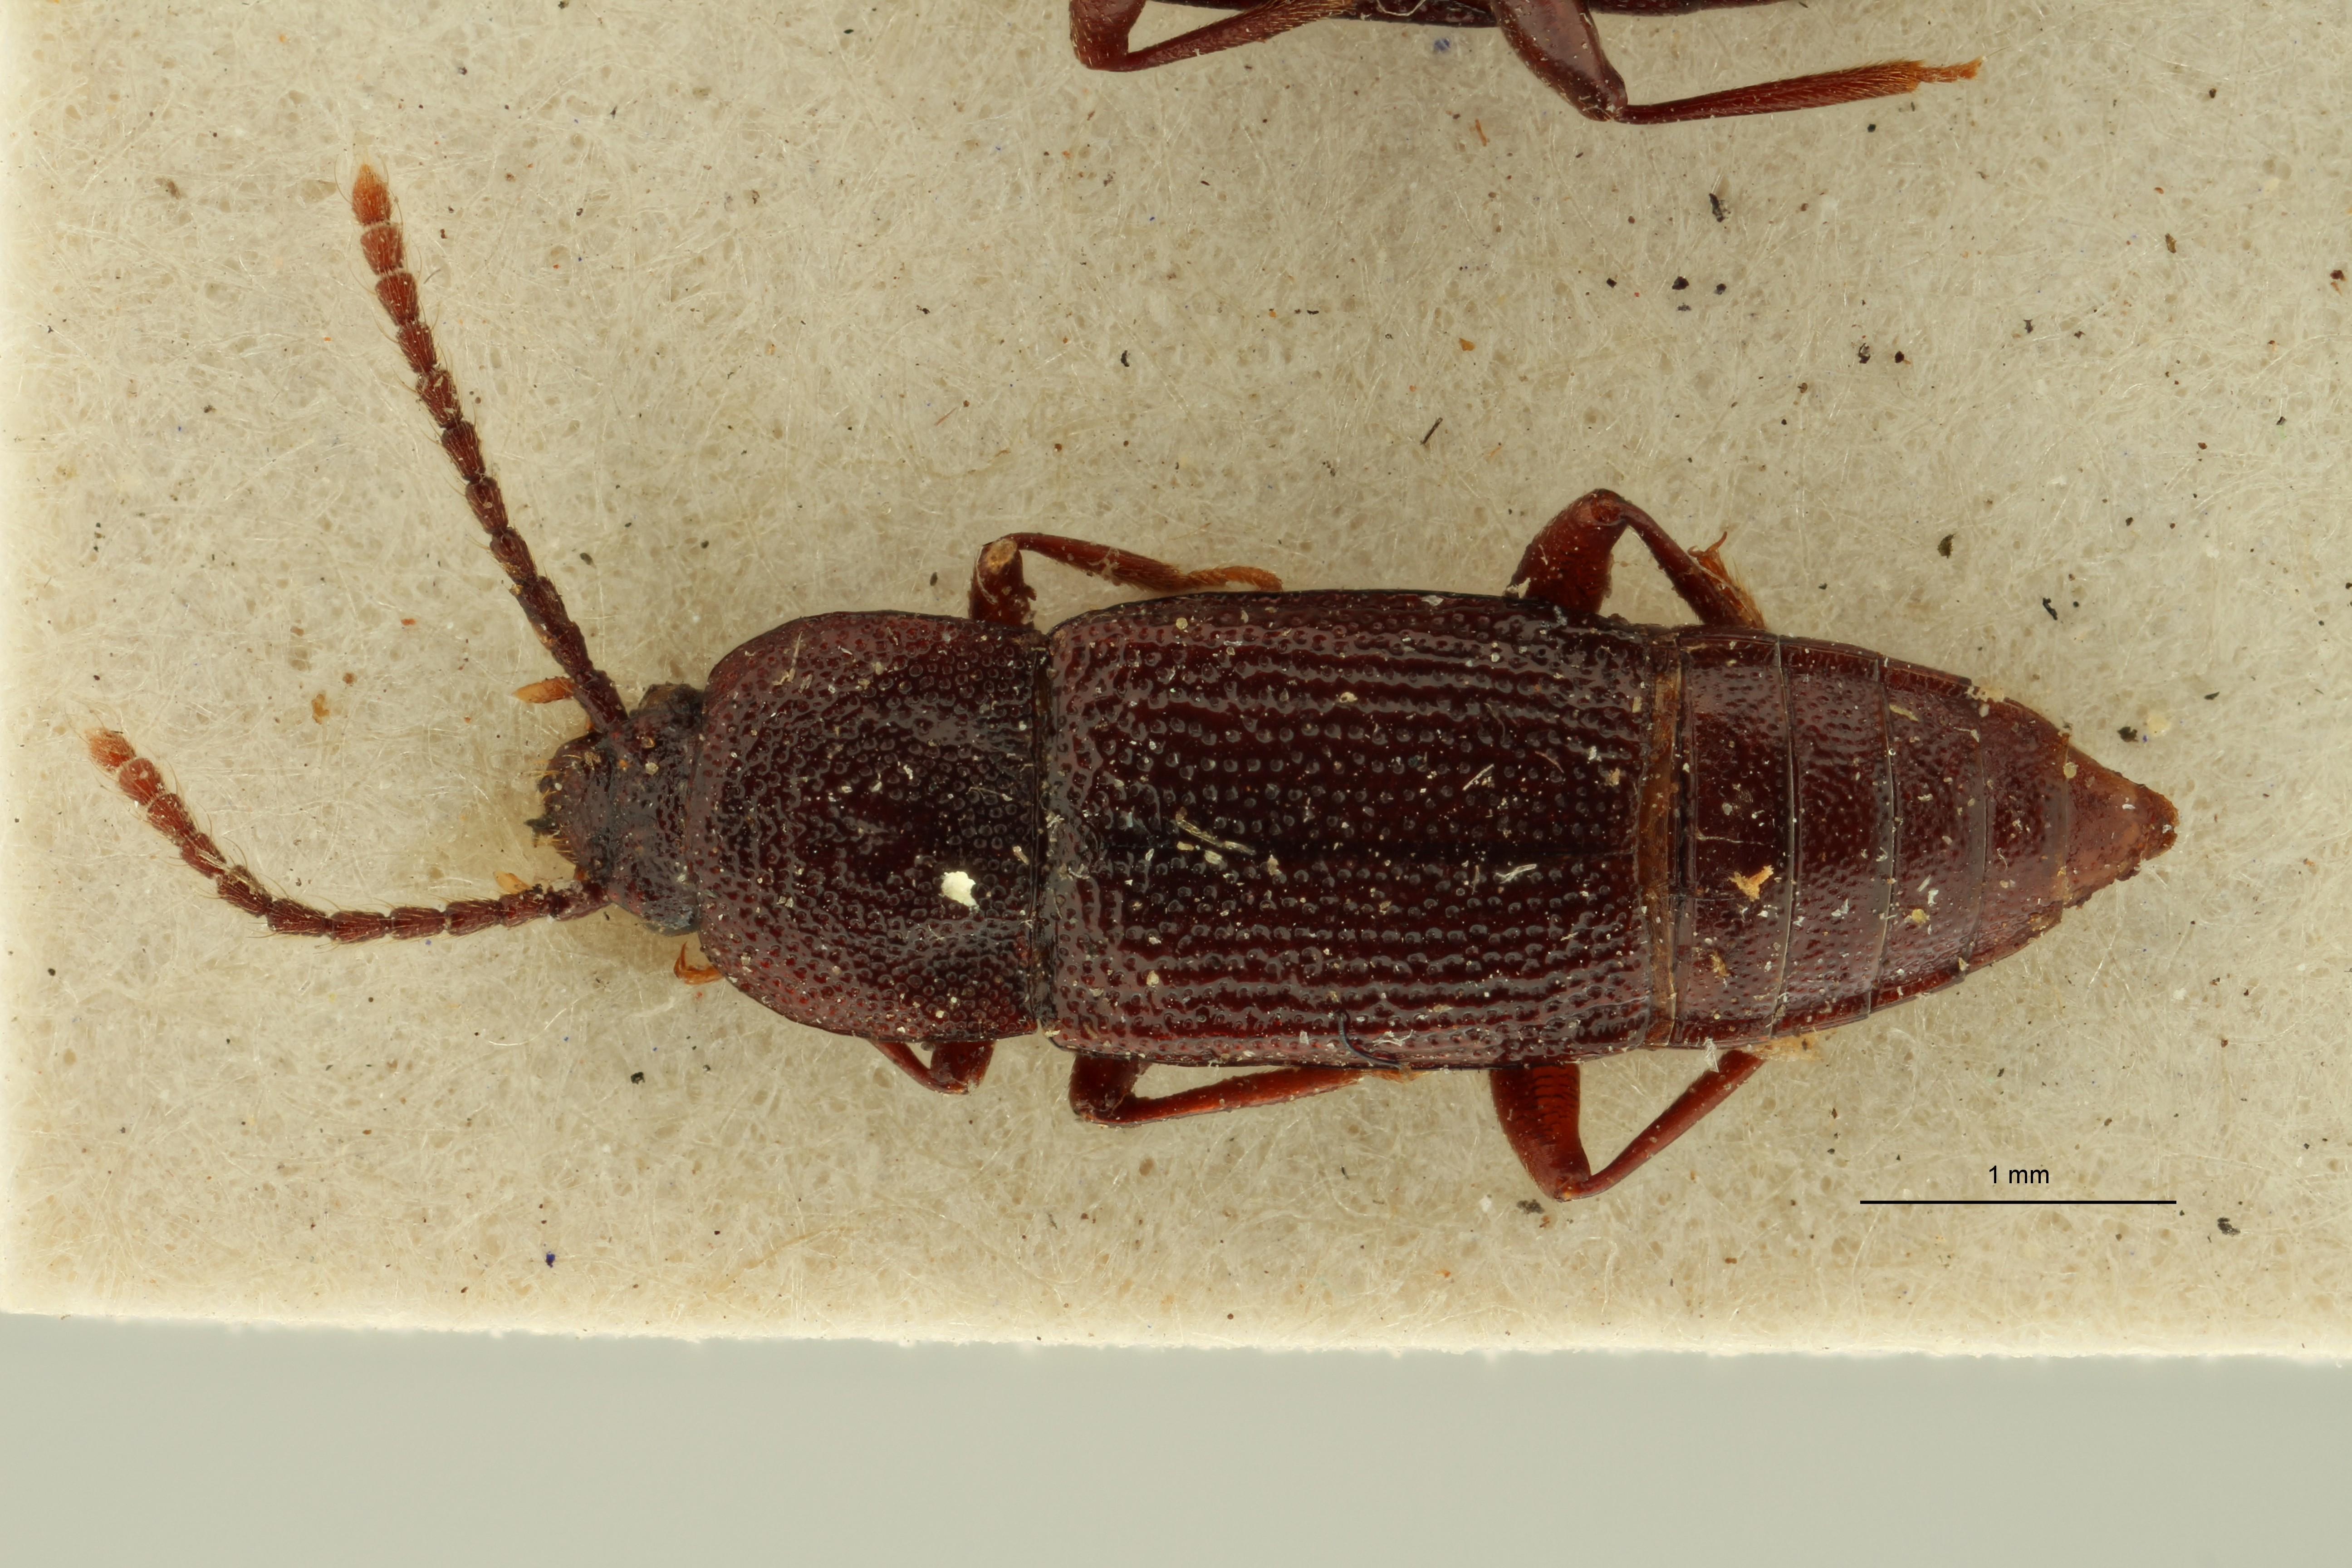 Trigonurus rugosus et D ZS PMax Scaled.jpeg